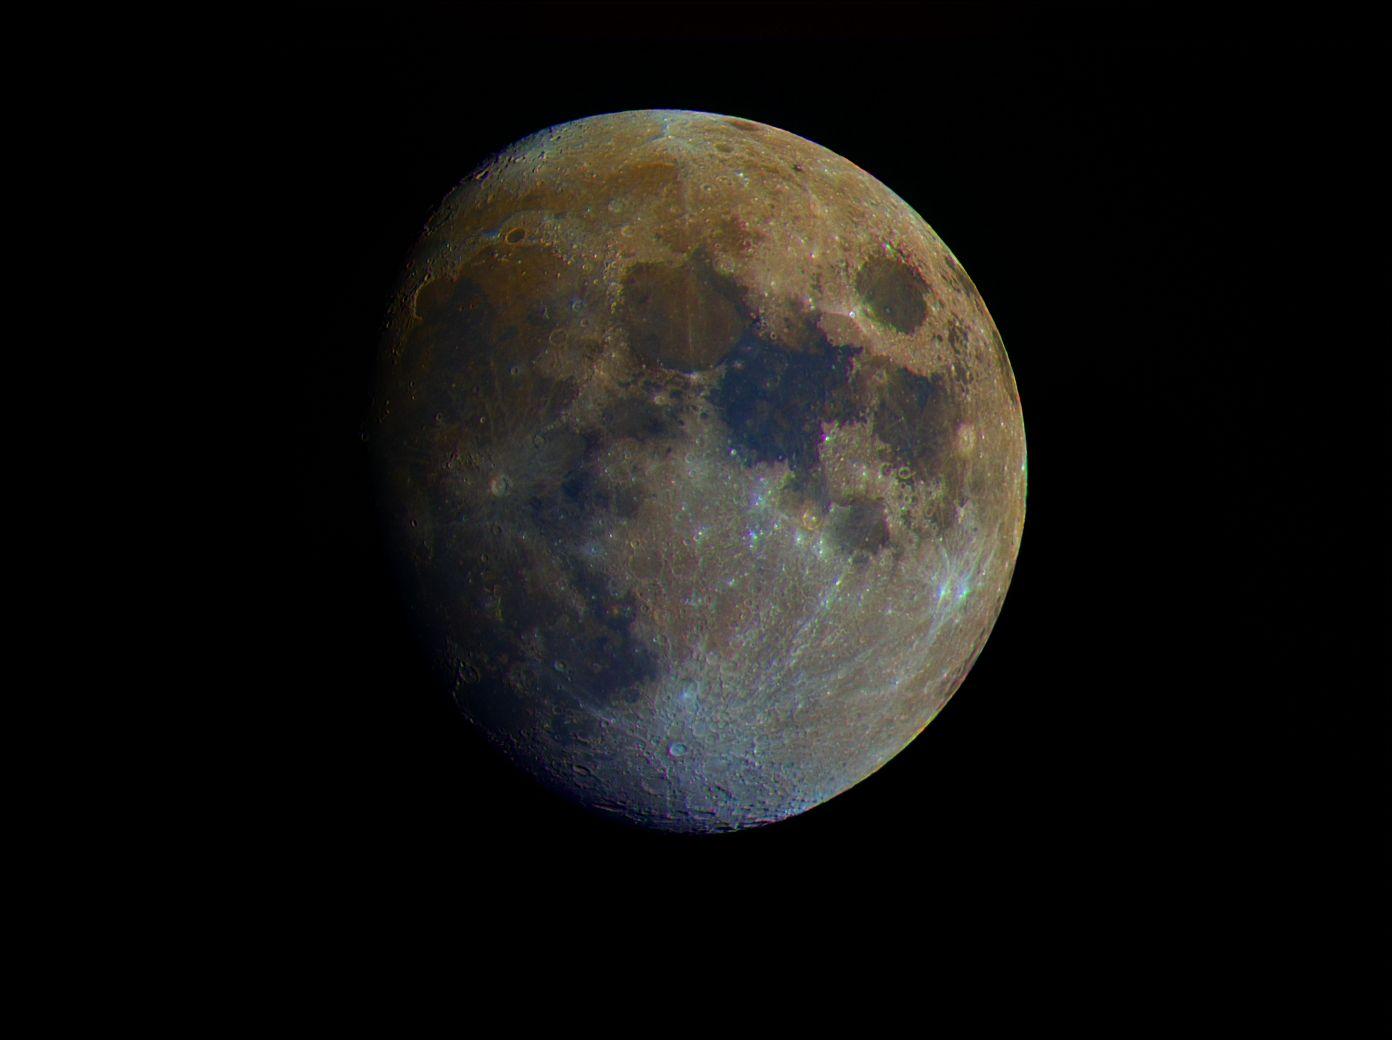 科学家预测:至2040年或会有100人入住月球